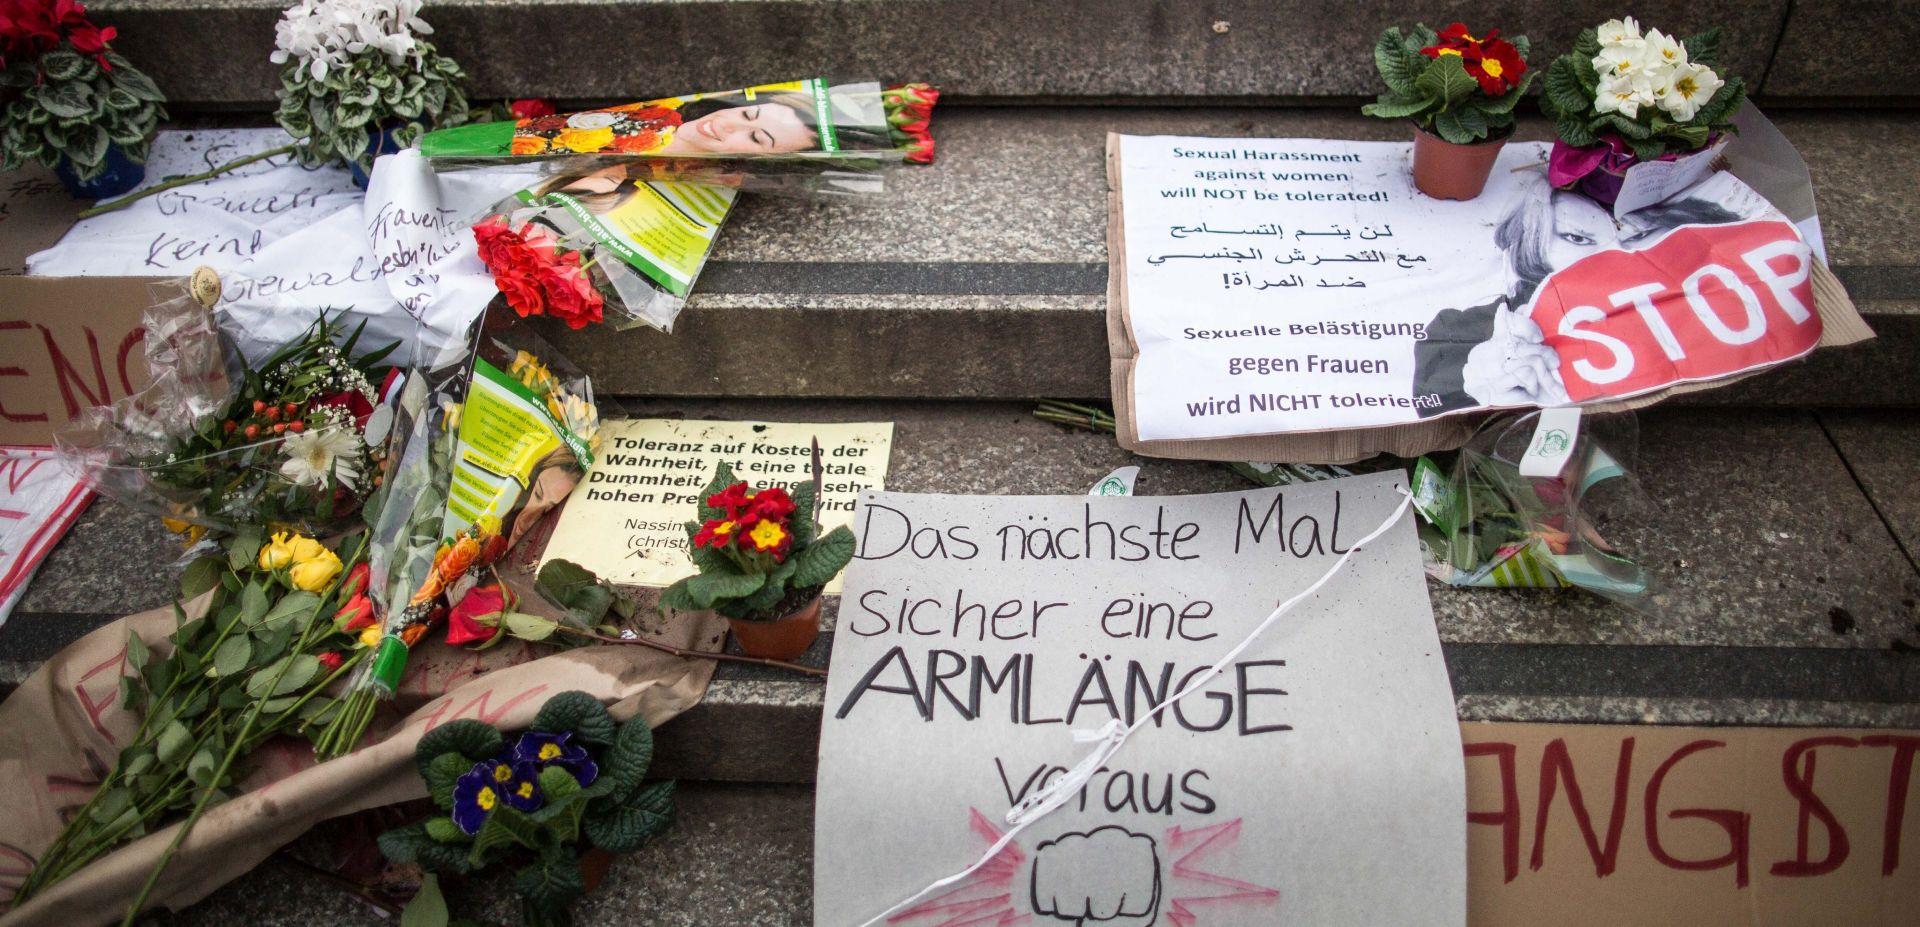 PARLAMENT RAZMATRA POSLJEDICE NAPADA Dosad podneseno 379 kaznenih prijava zbog napada na žene u Koelnu na Silvestrovo